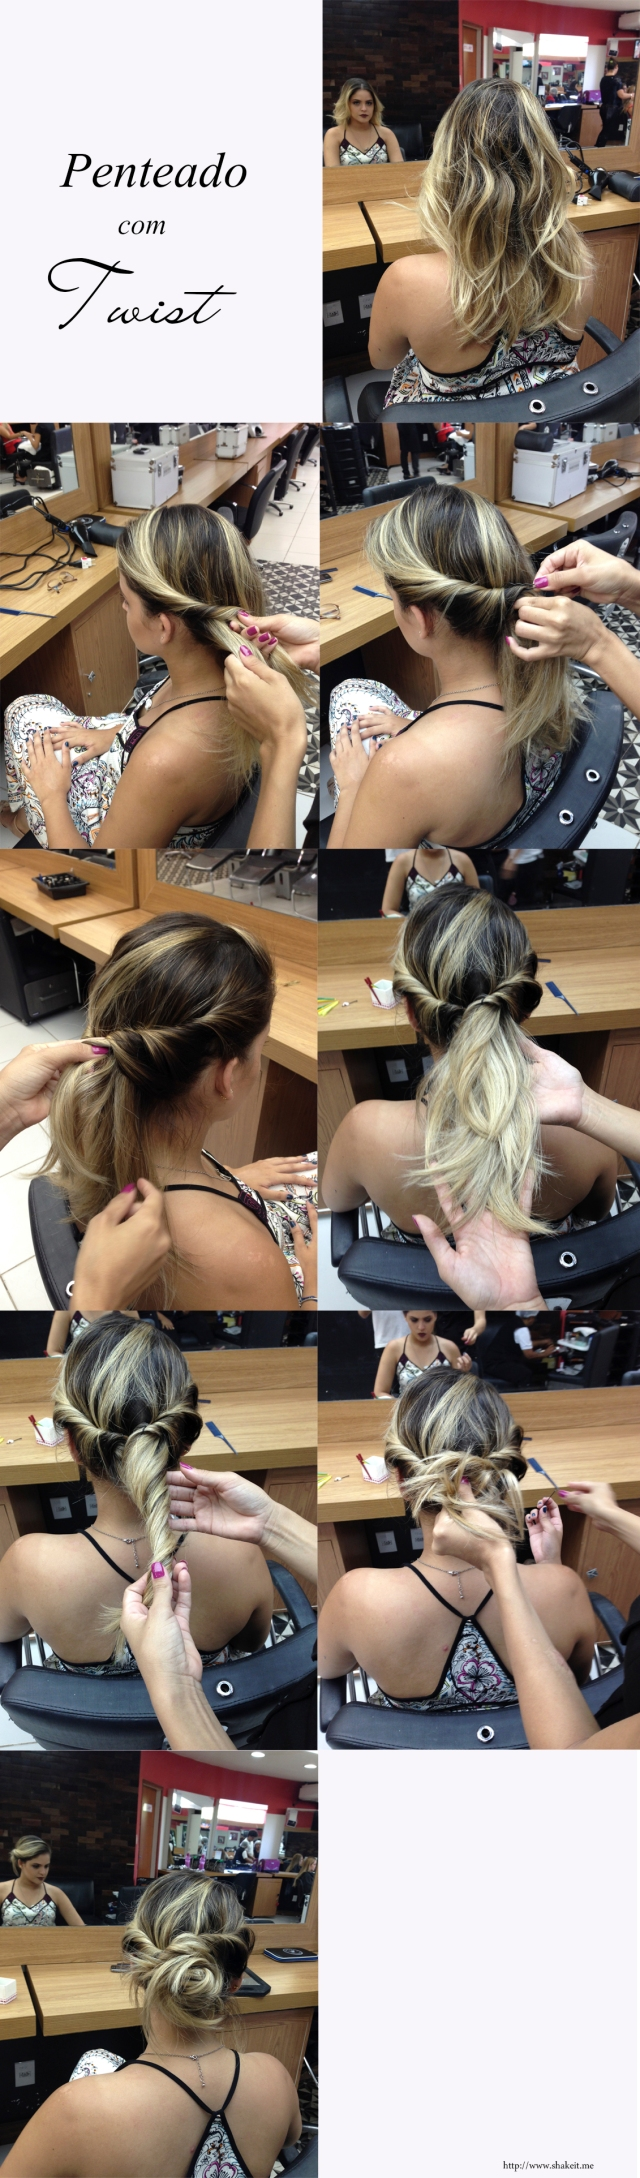 penteado-twist